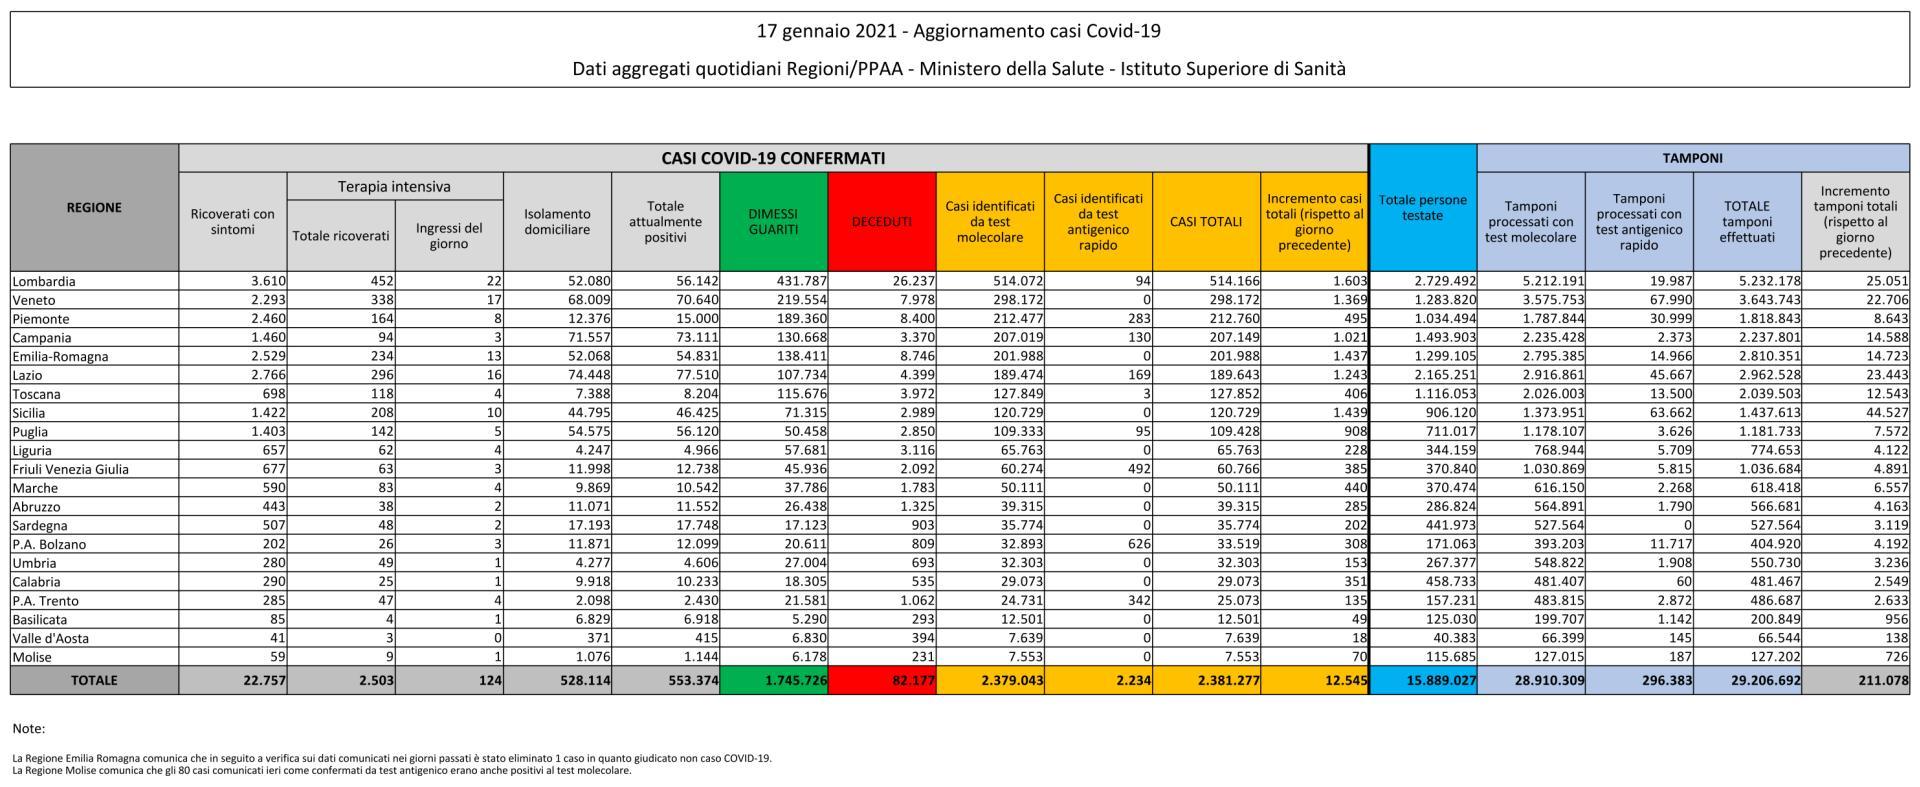 17 gennaio 2021 - Aggiornamento casi Covid-19 Dati aggregati quotidiani Regioni/PPAA - Ministero della Salute - Istituto Superiore di Sanità